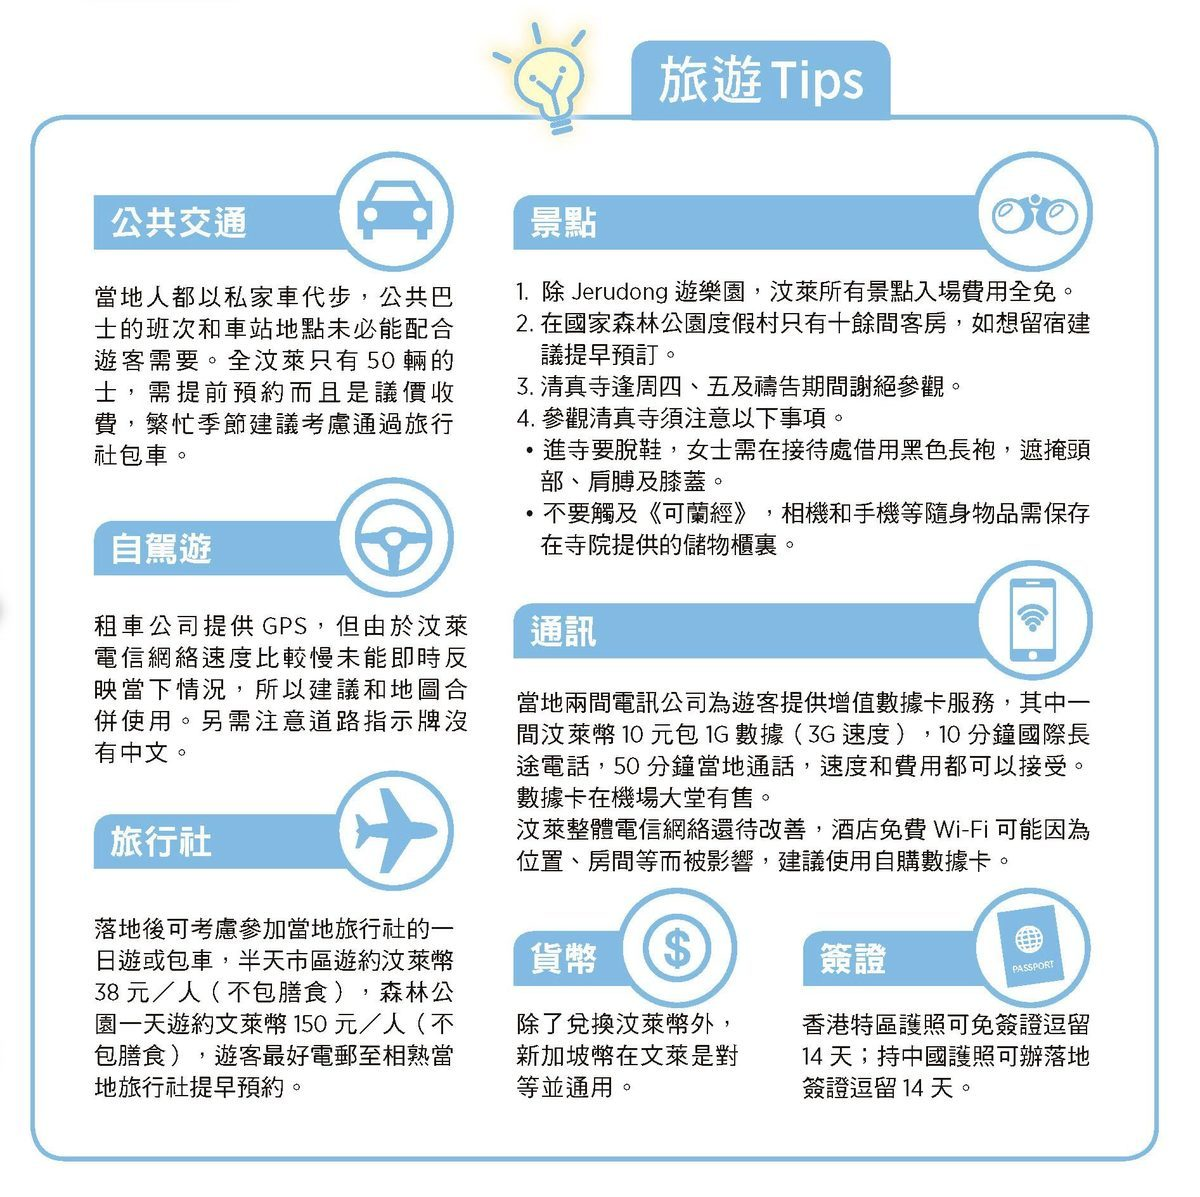 旅游Tips(大紀元資料圖片)